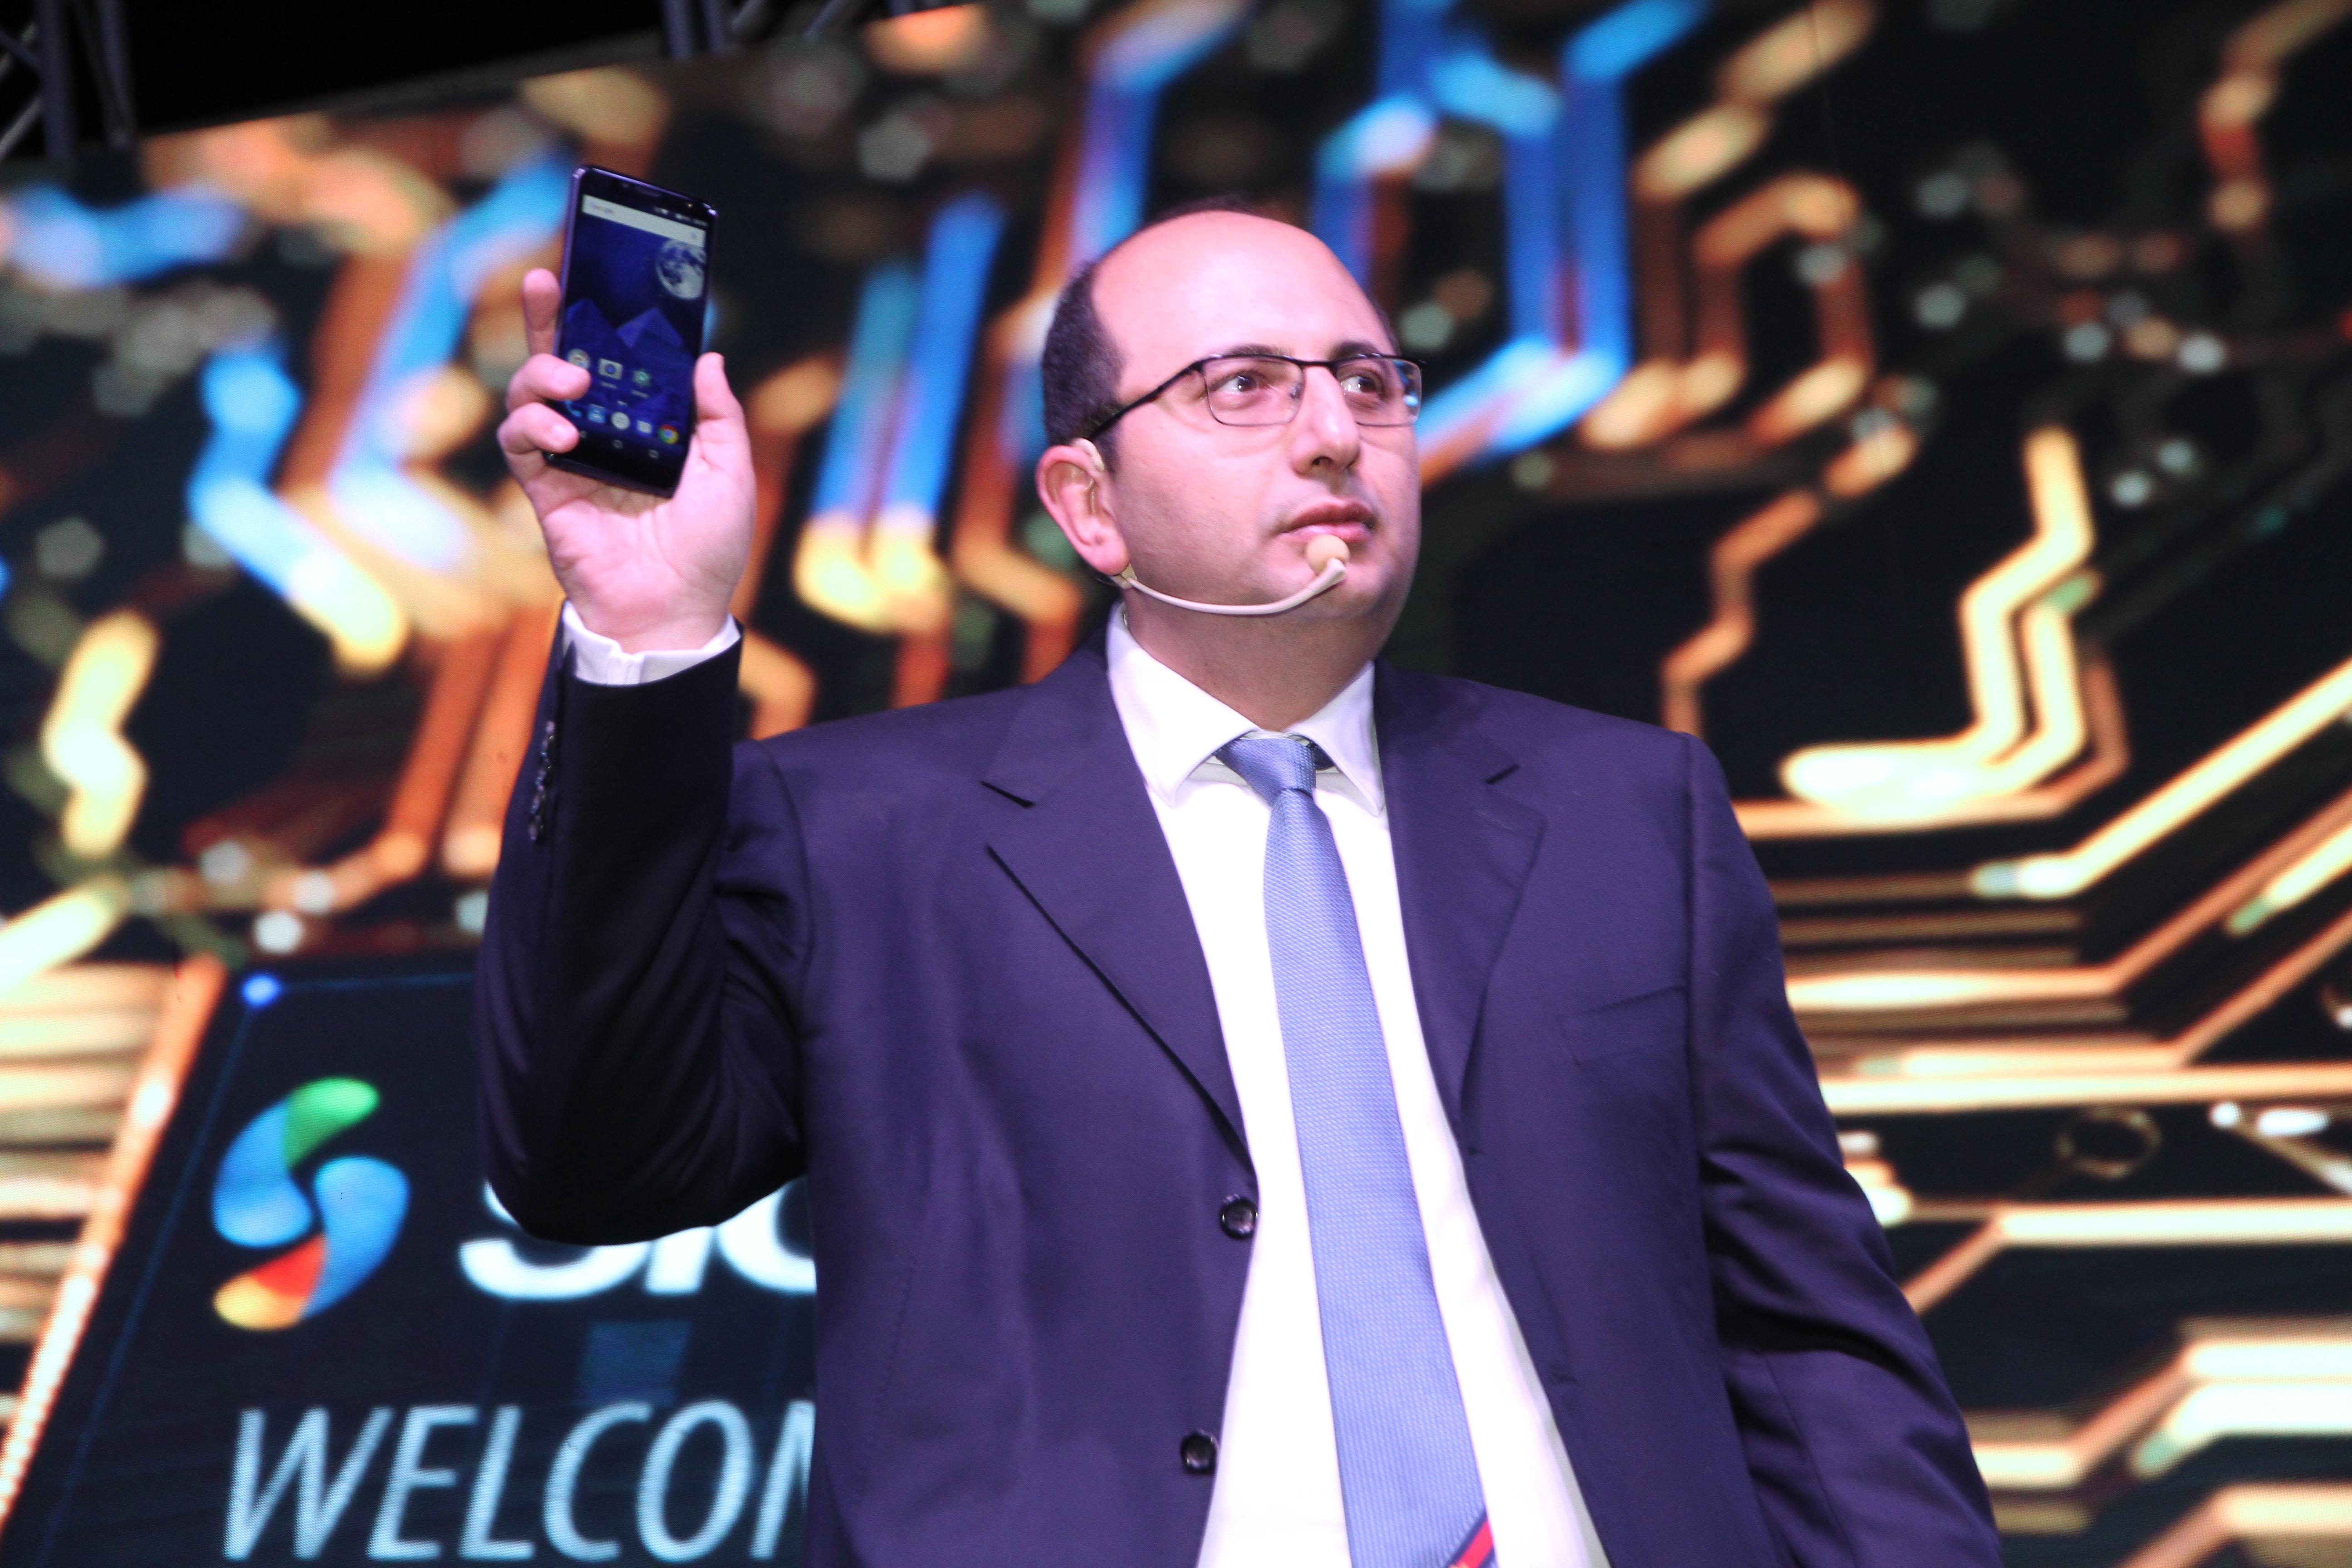 فاروس لترويج وتغطية الاكتتاب تنجح في تدبير التمويل للشركة المصرية لصناعات السيليكون من بنك مصر